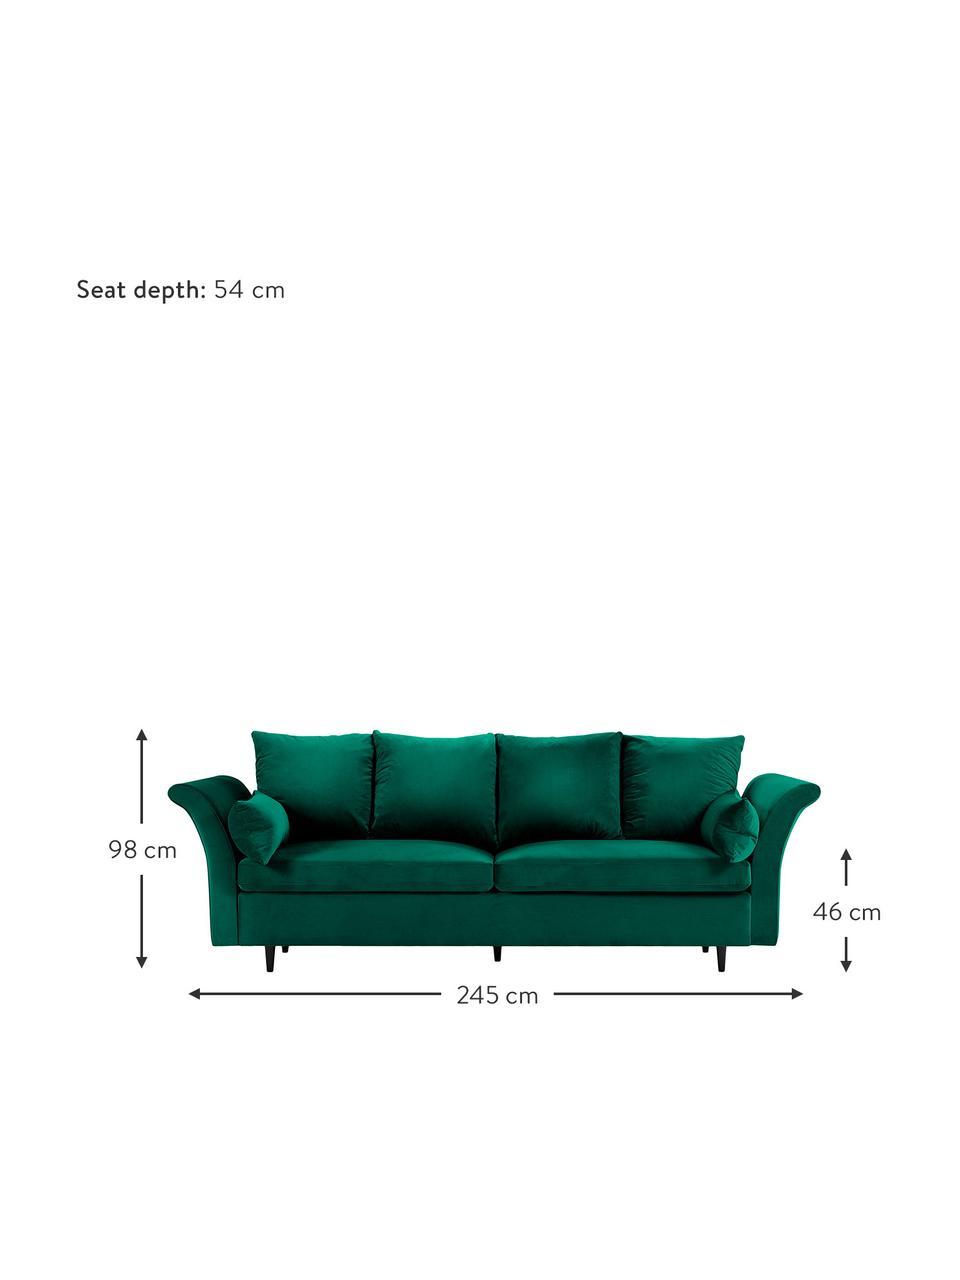 Sofa z aksamitu z funkcją spania i miejscem do przechowywania Lola (3-osobowa), Tapicerka: aksamit poliestrowy Dzięk, Nogi: drewno sosnowe, lakierowa, Butelkowy zielony, S 245 x G 95 cm